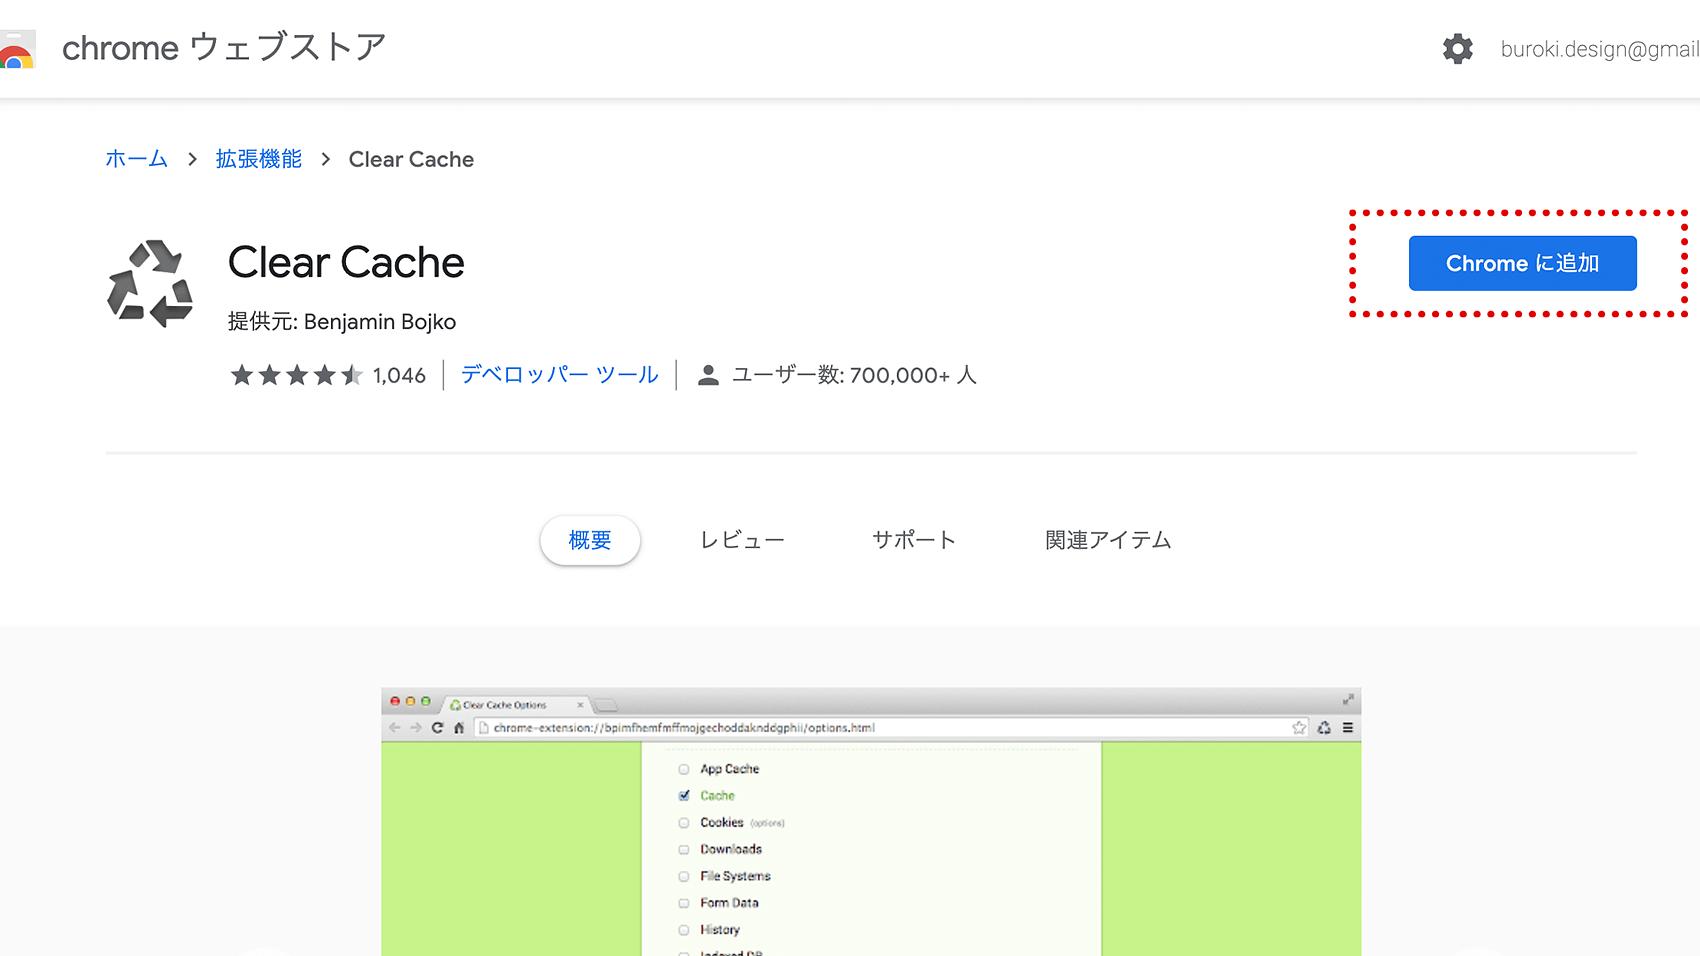 google chromeウェブストアのclear cacheページ